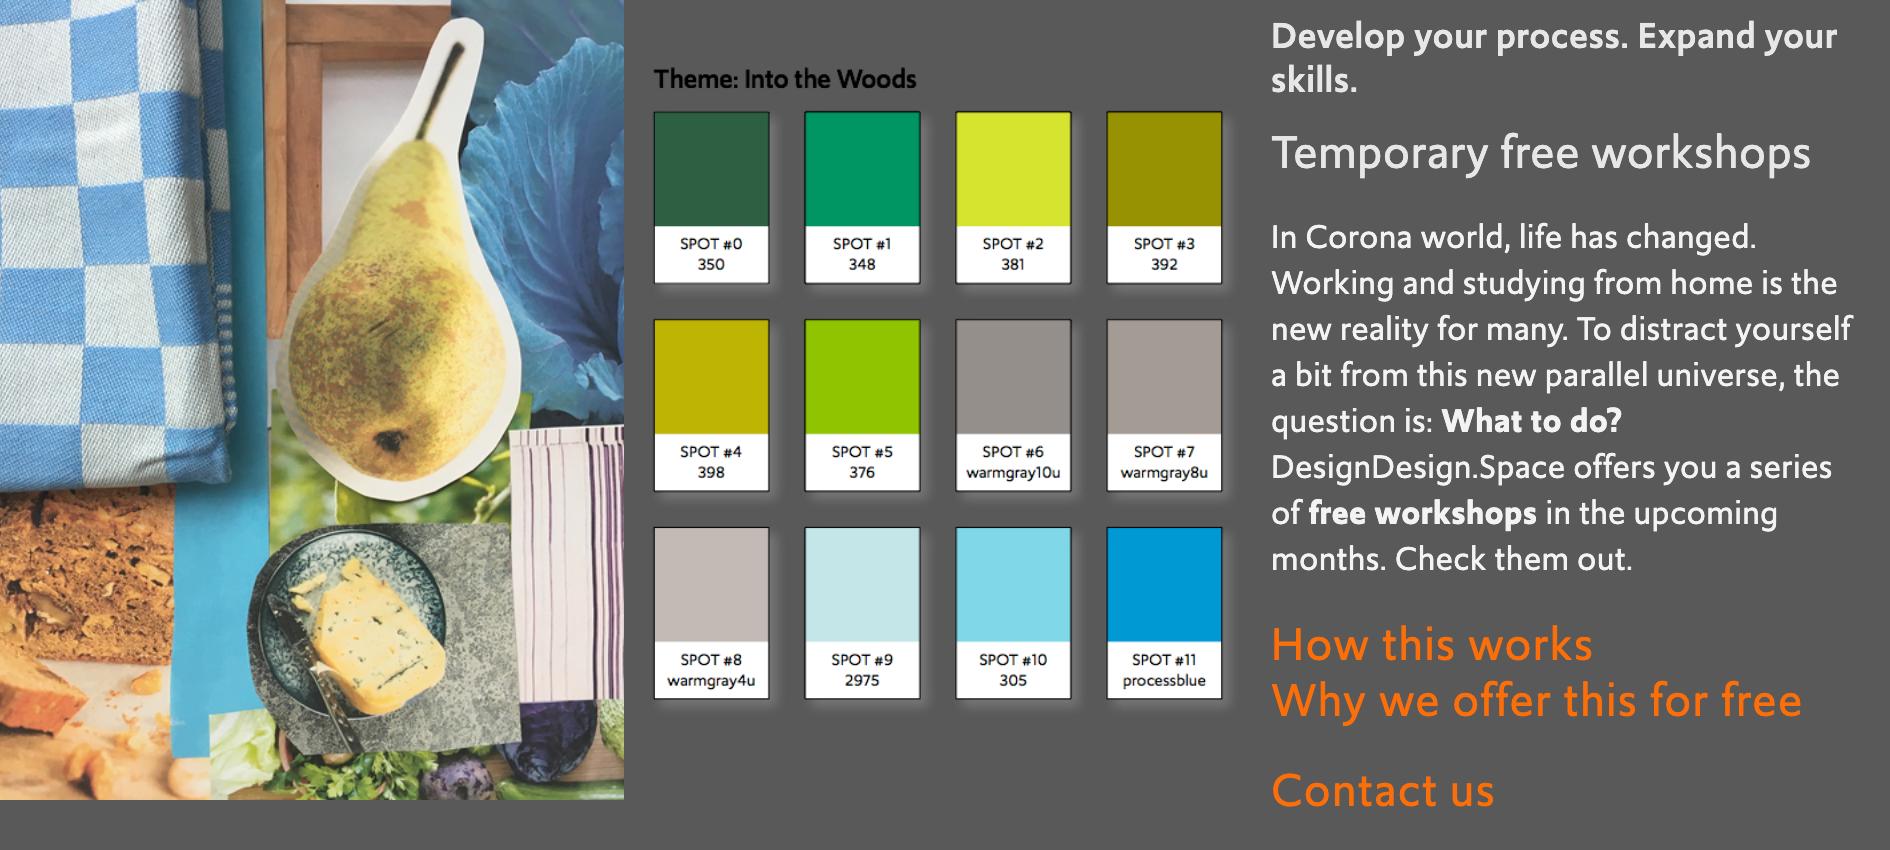 designdesignspace homepage